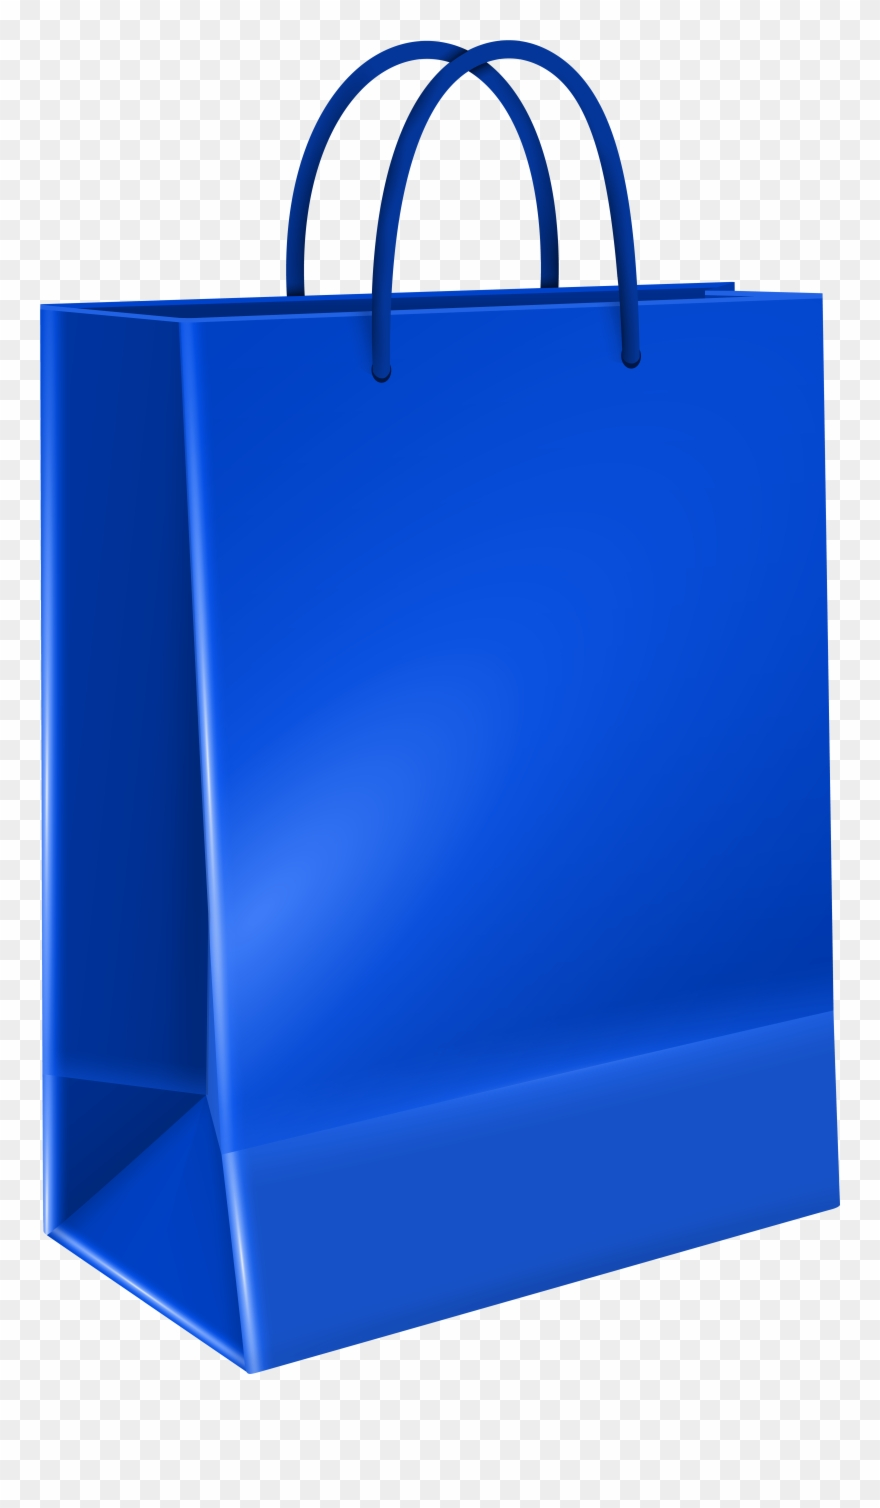 Gift Bag Blue Transparent Image.